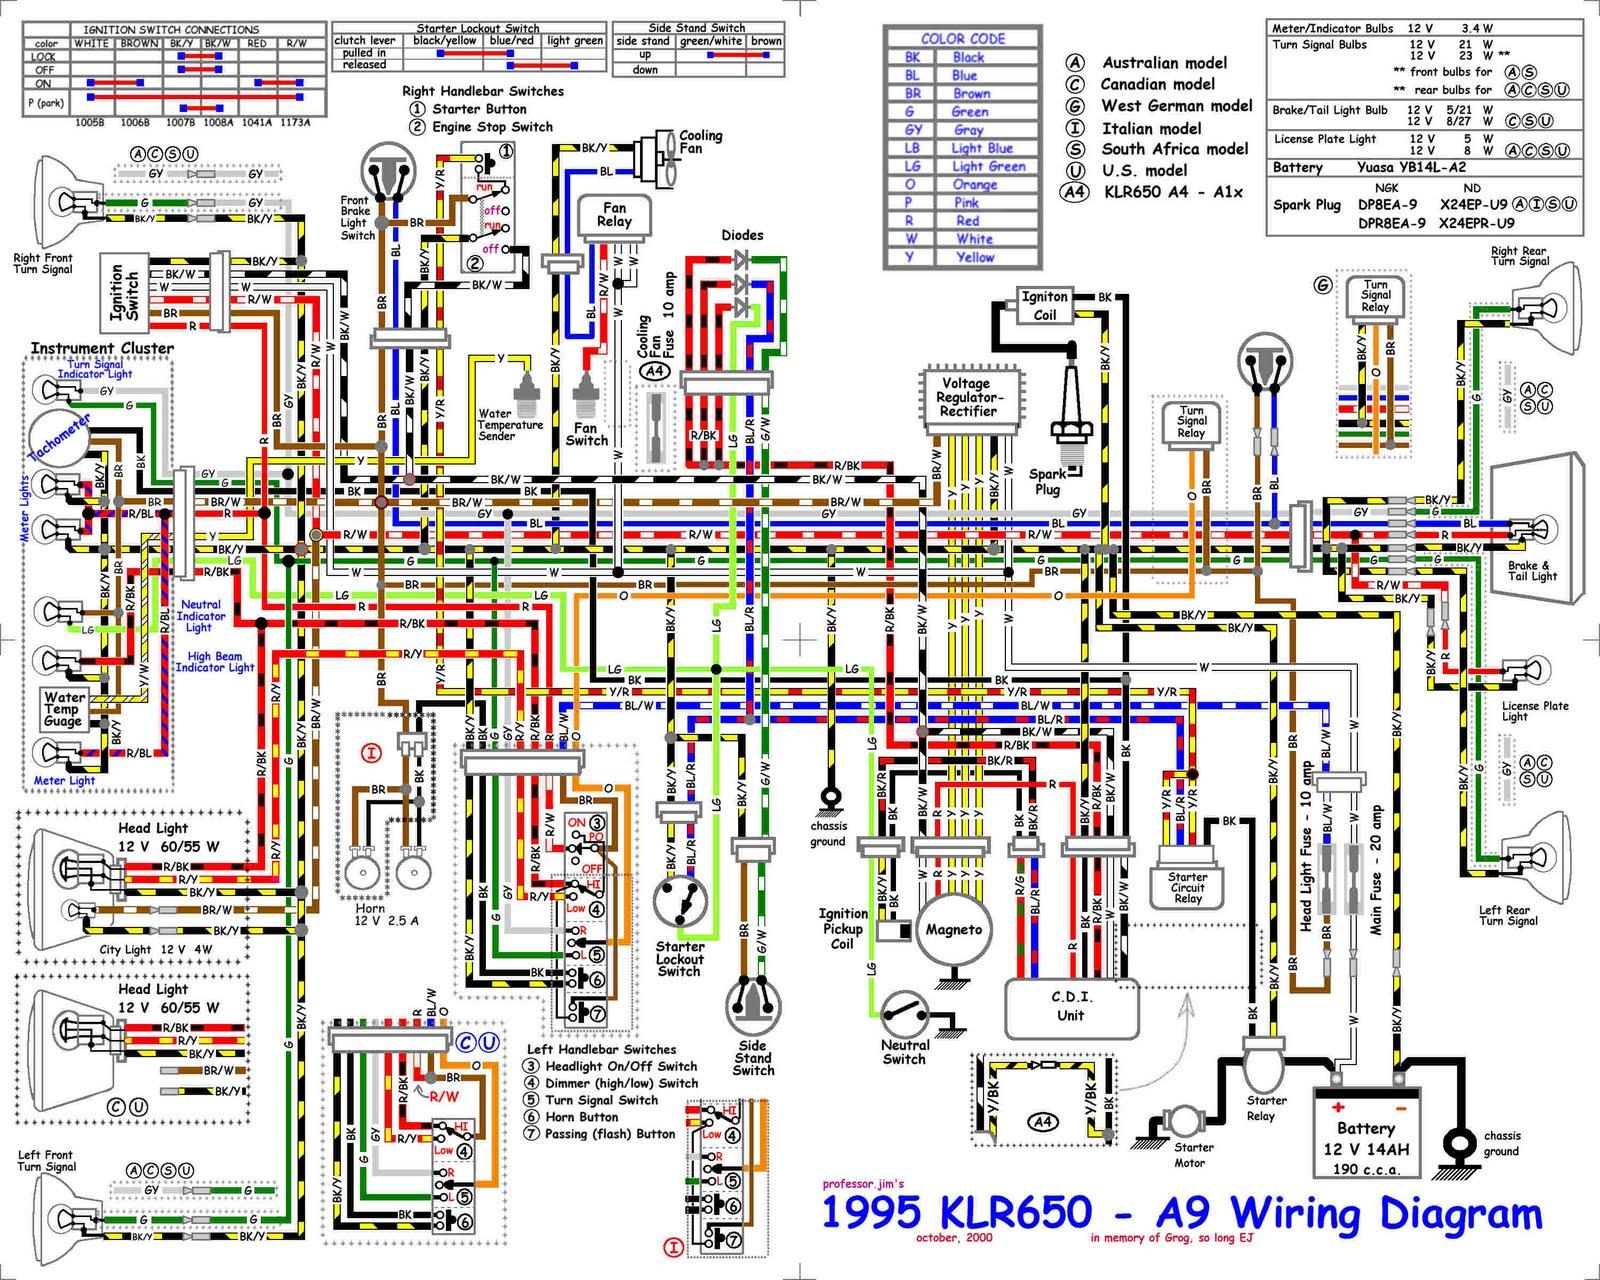 1972 Chevrolet Monte Carlo Wiring Diagram Summing Box Wiring Diagram Ace Wiring Yenpancane Jeanjaures37 Fr